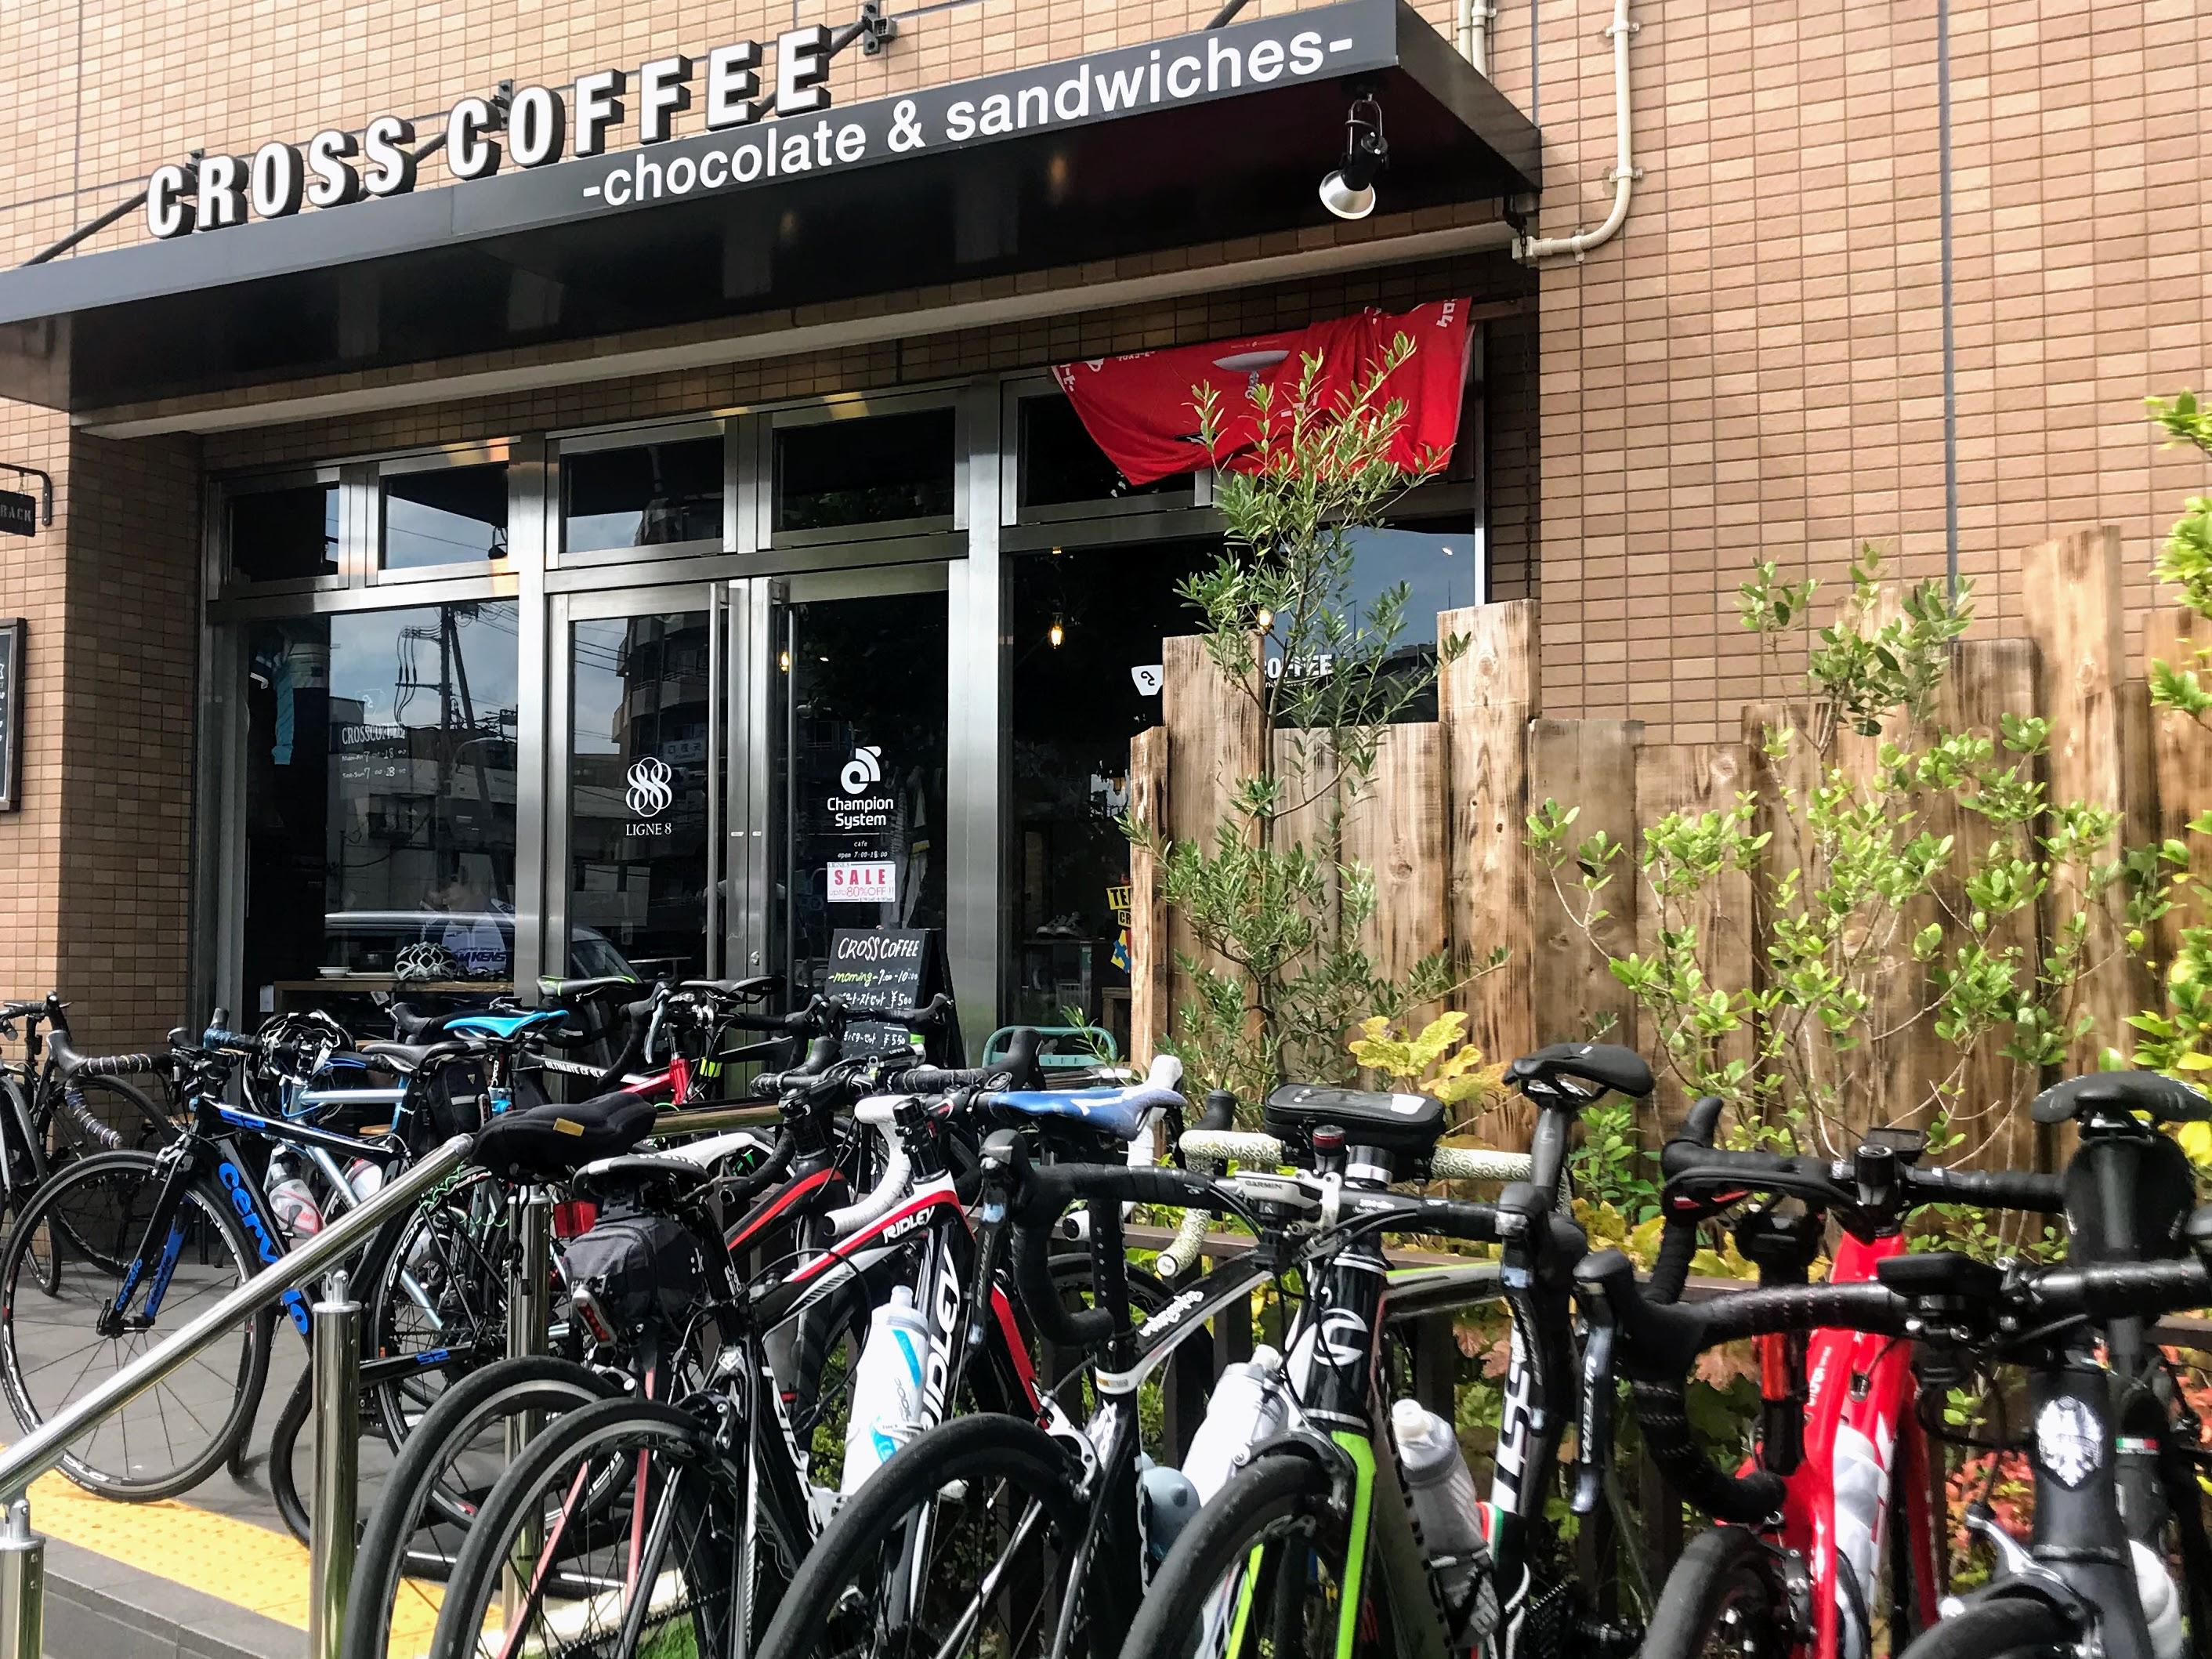 矢野口にあるサイクルカフェ CROSS COFFEE (クロスコーヒー) にロードバイクで。